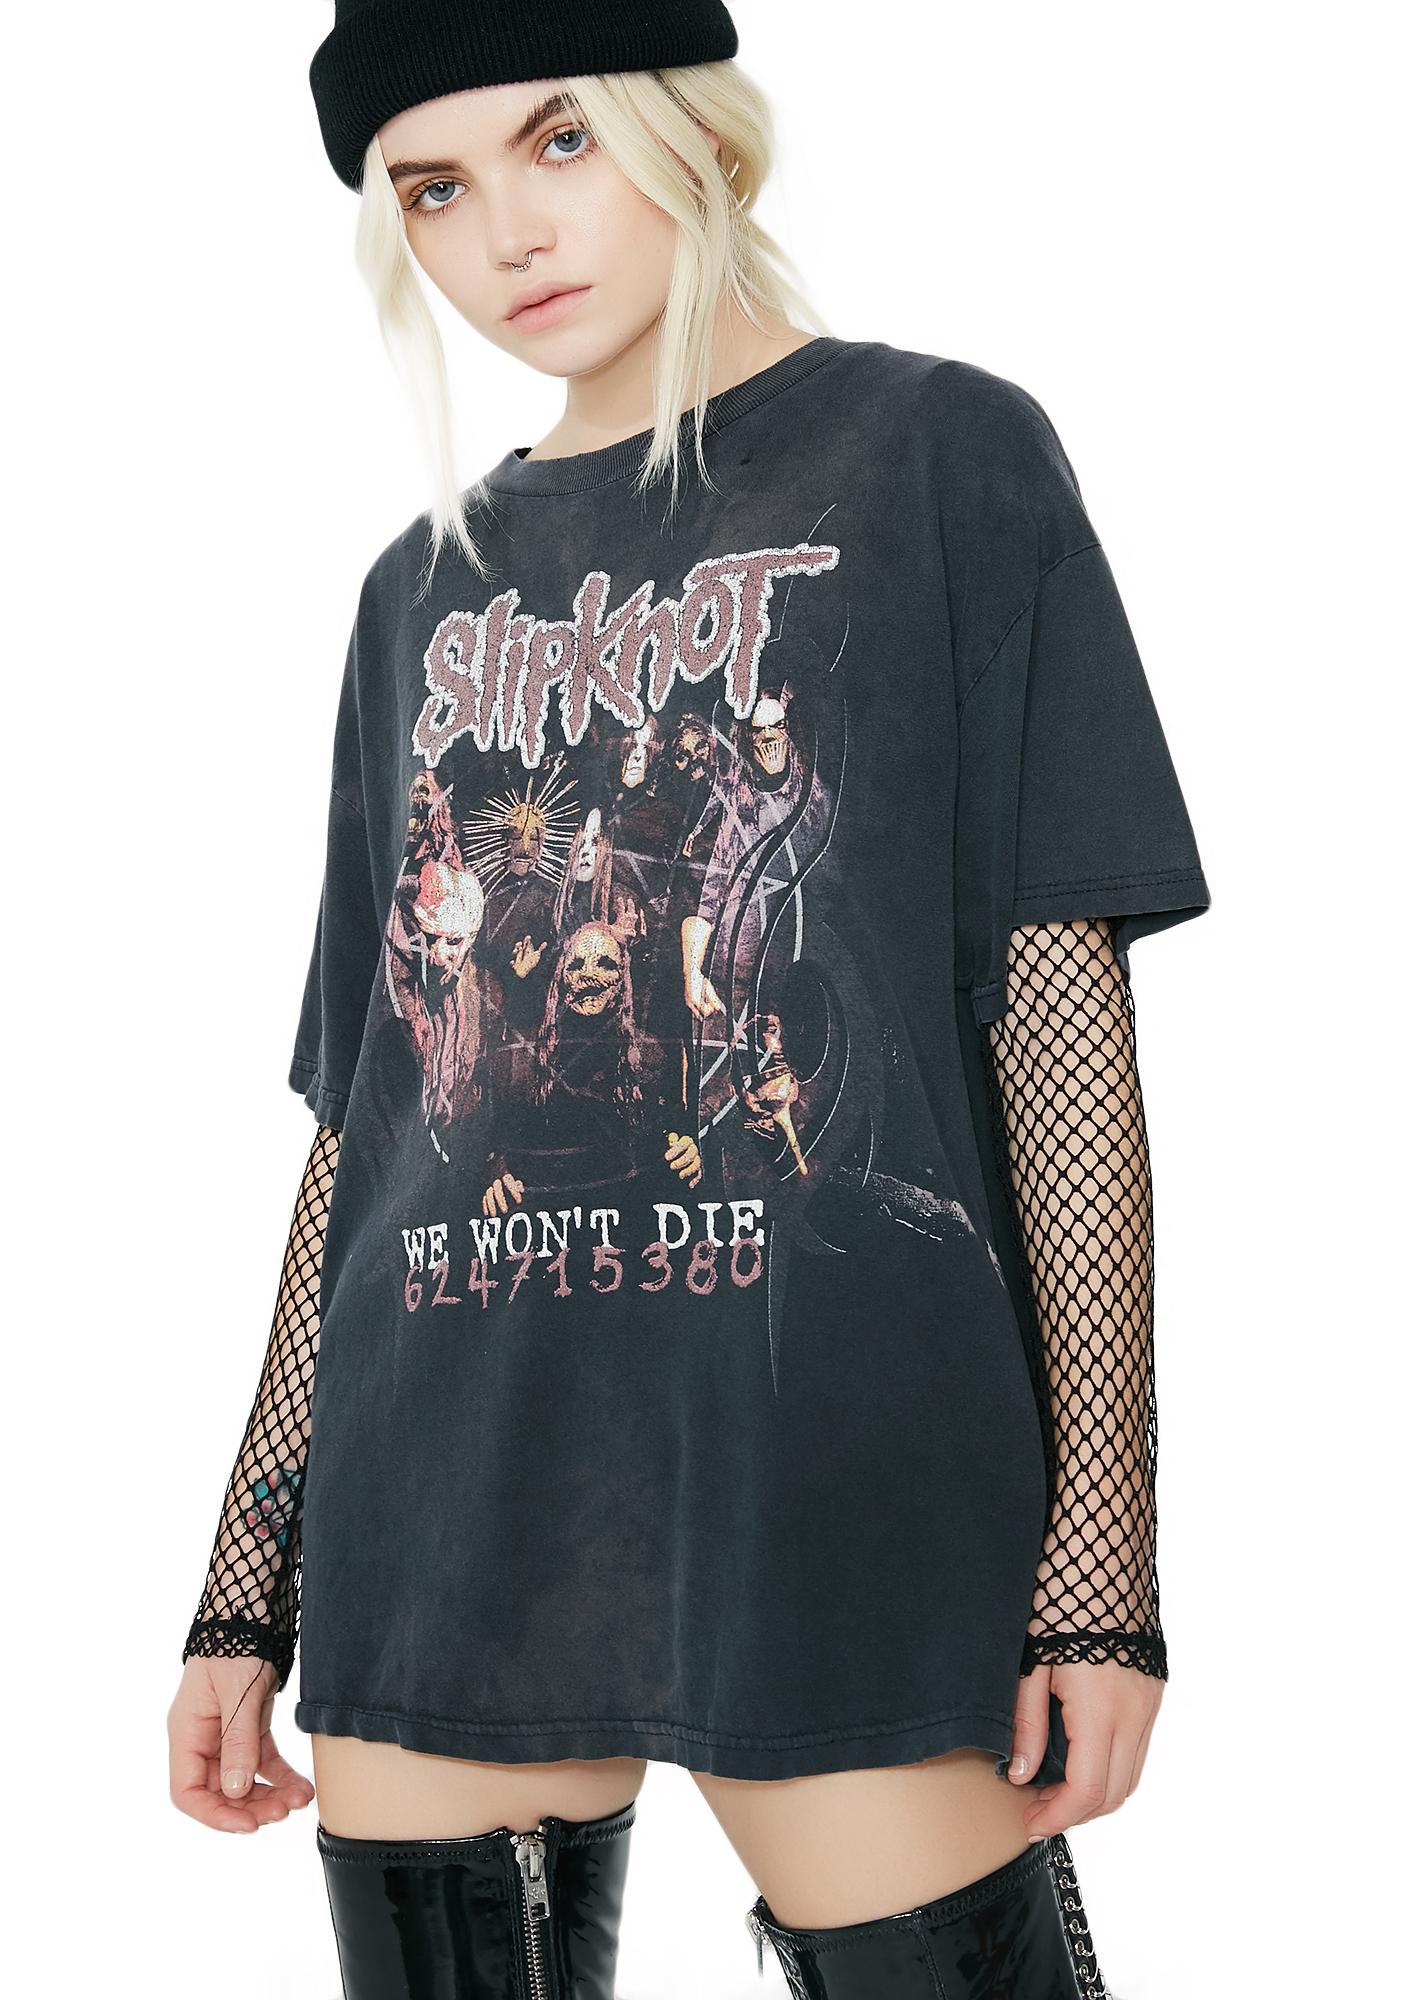 Vintage Slipknot We Won't Die Tee